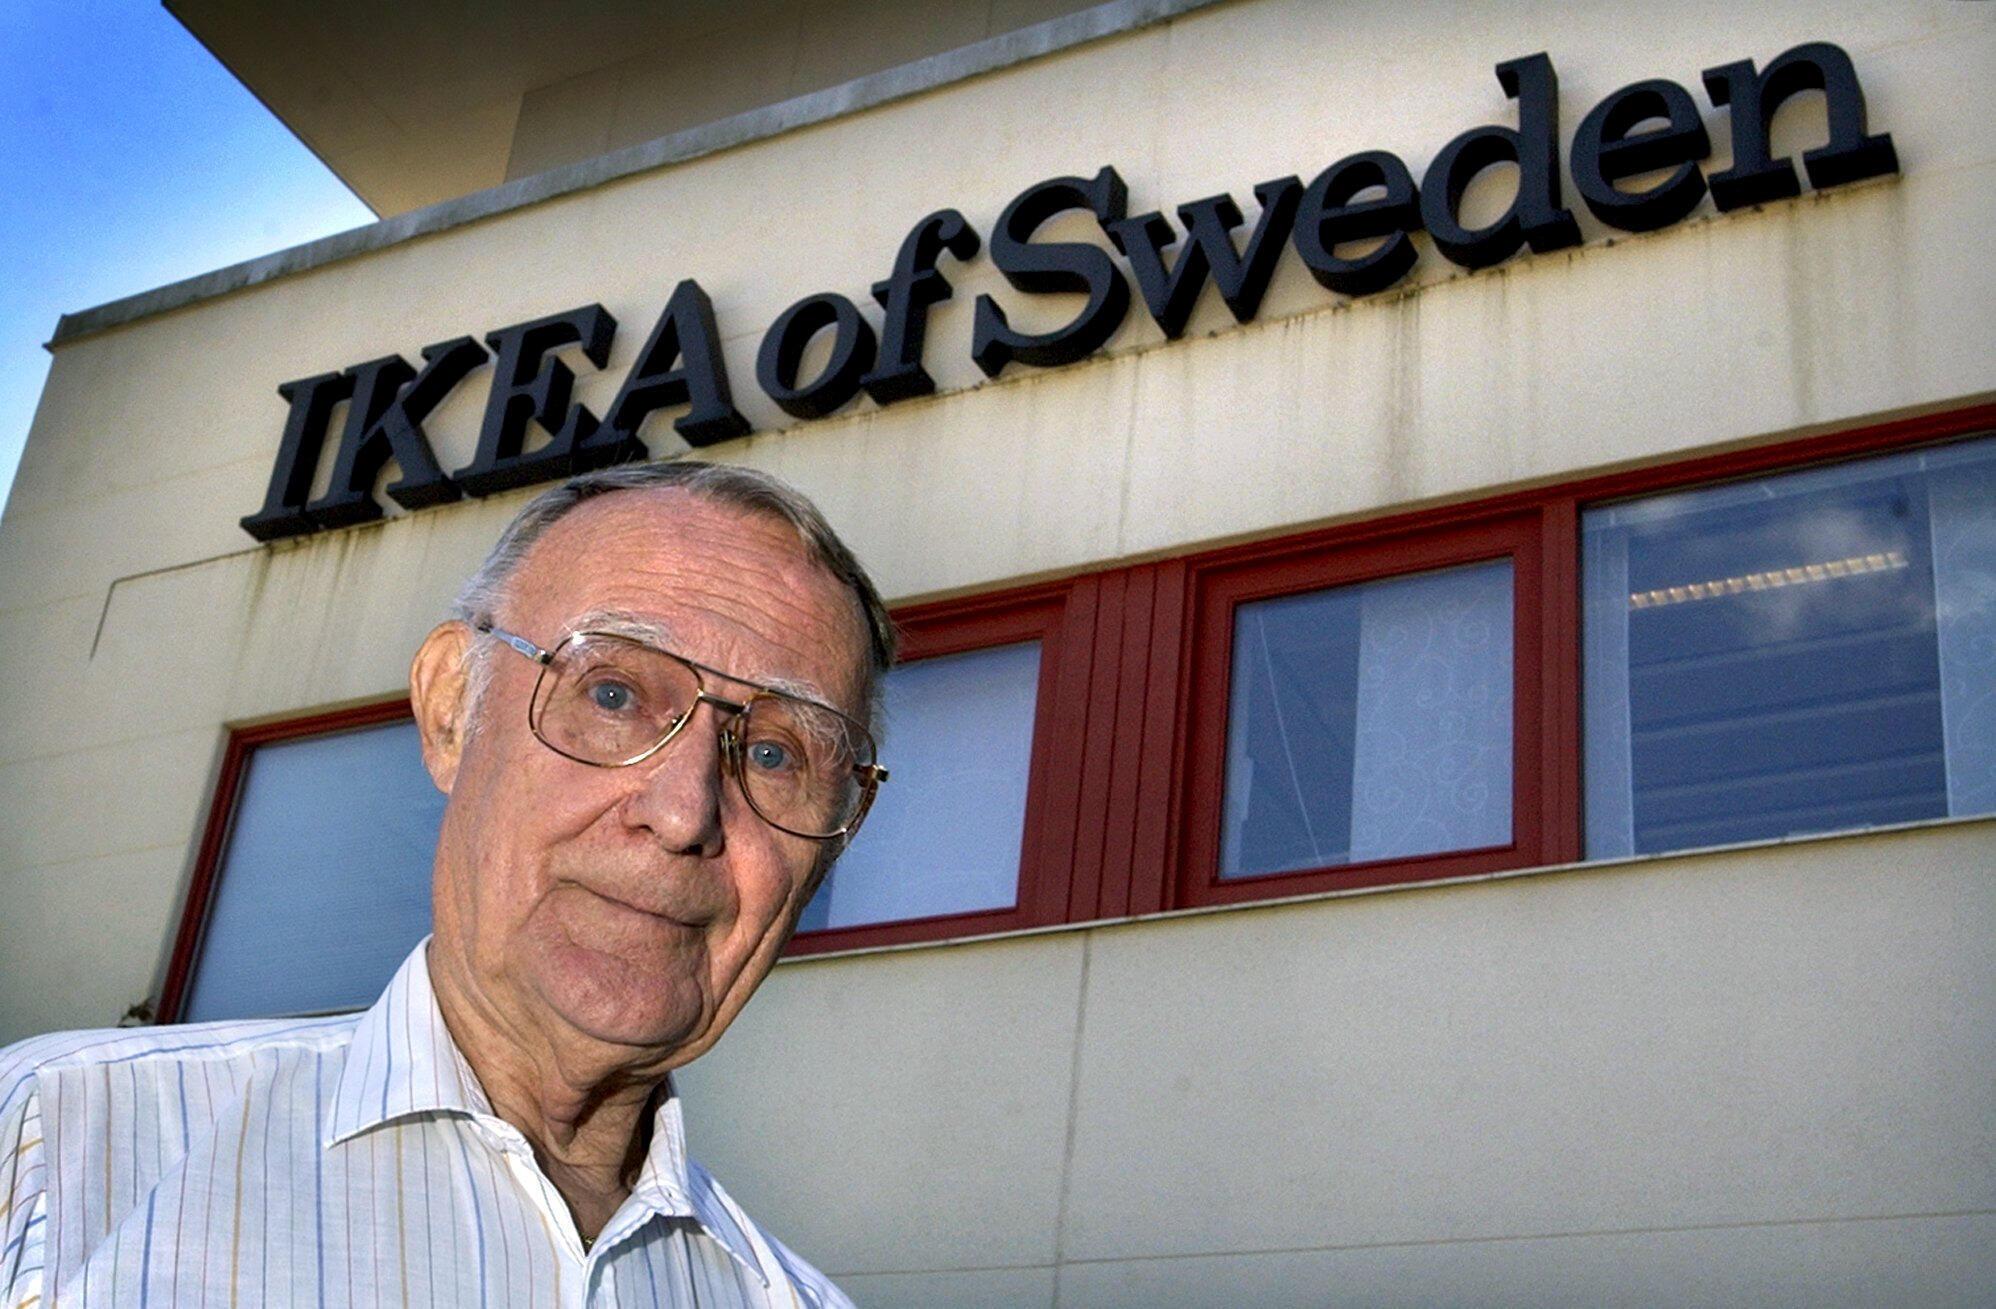 瑞典宜家集團創始人坎普拉德資料圖片